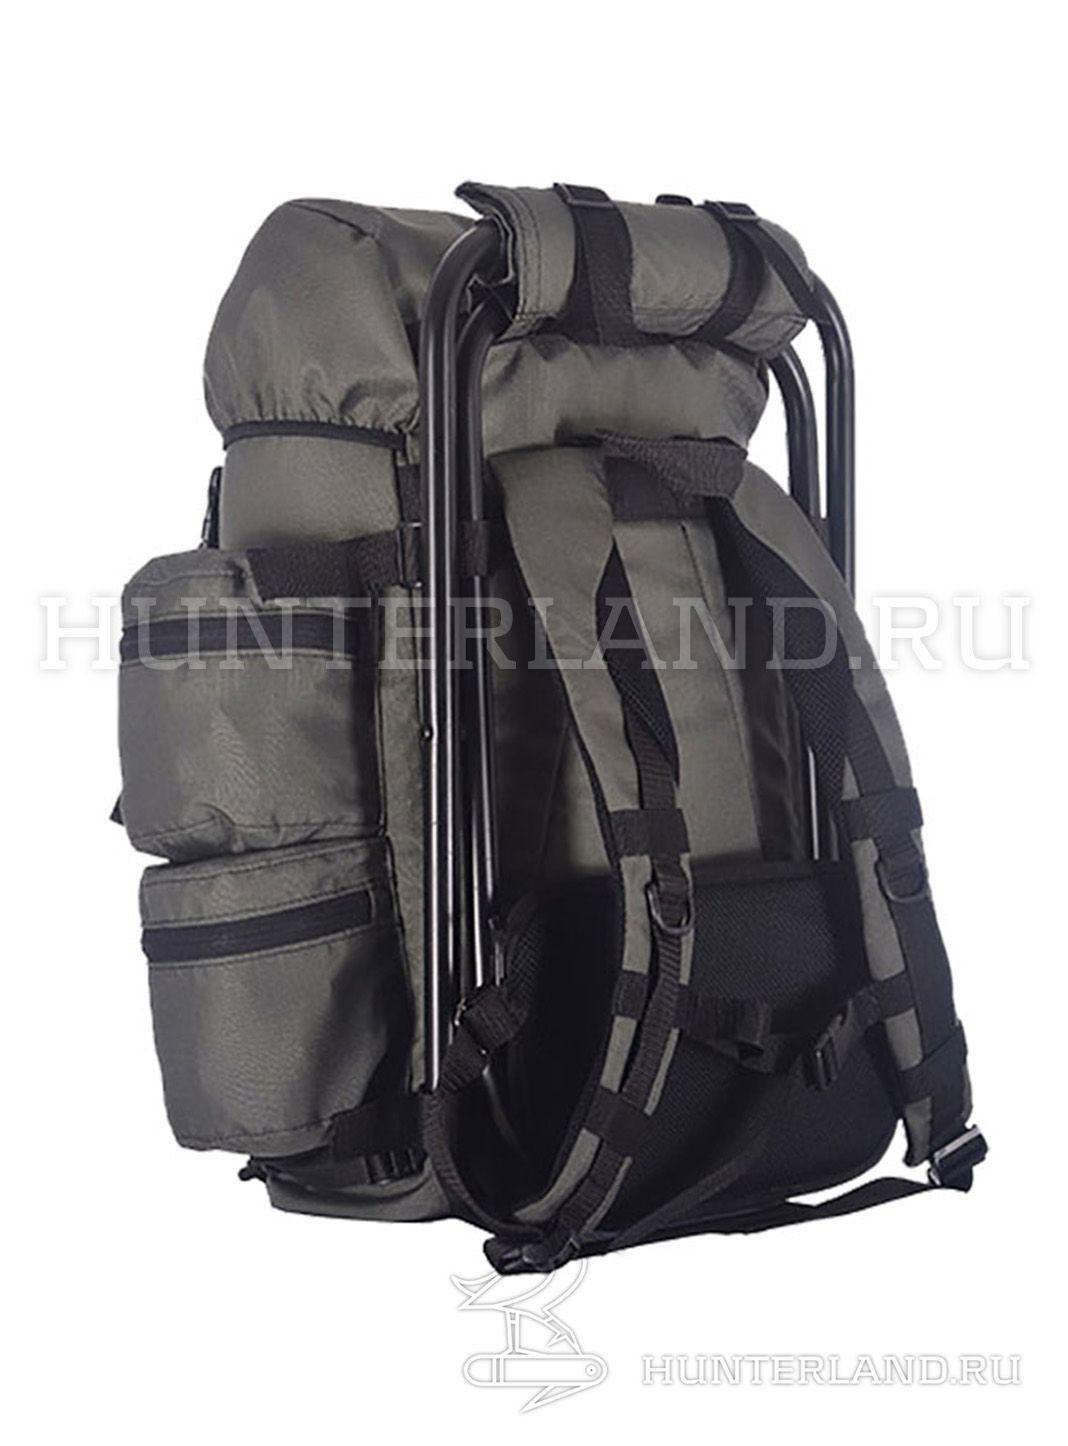 Рюкзак Для Рыбалки 35 Л. С Подсумкой